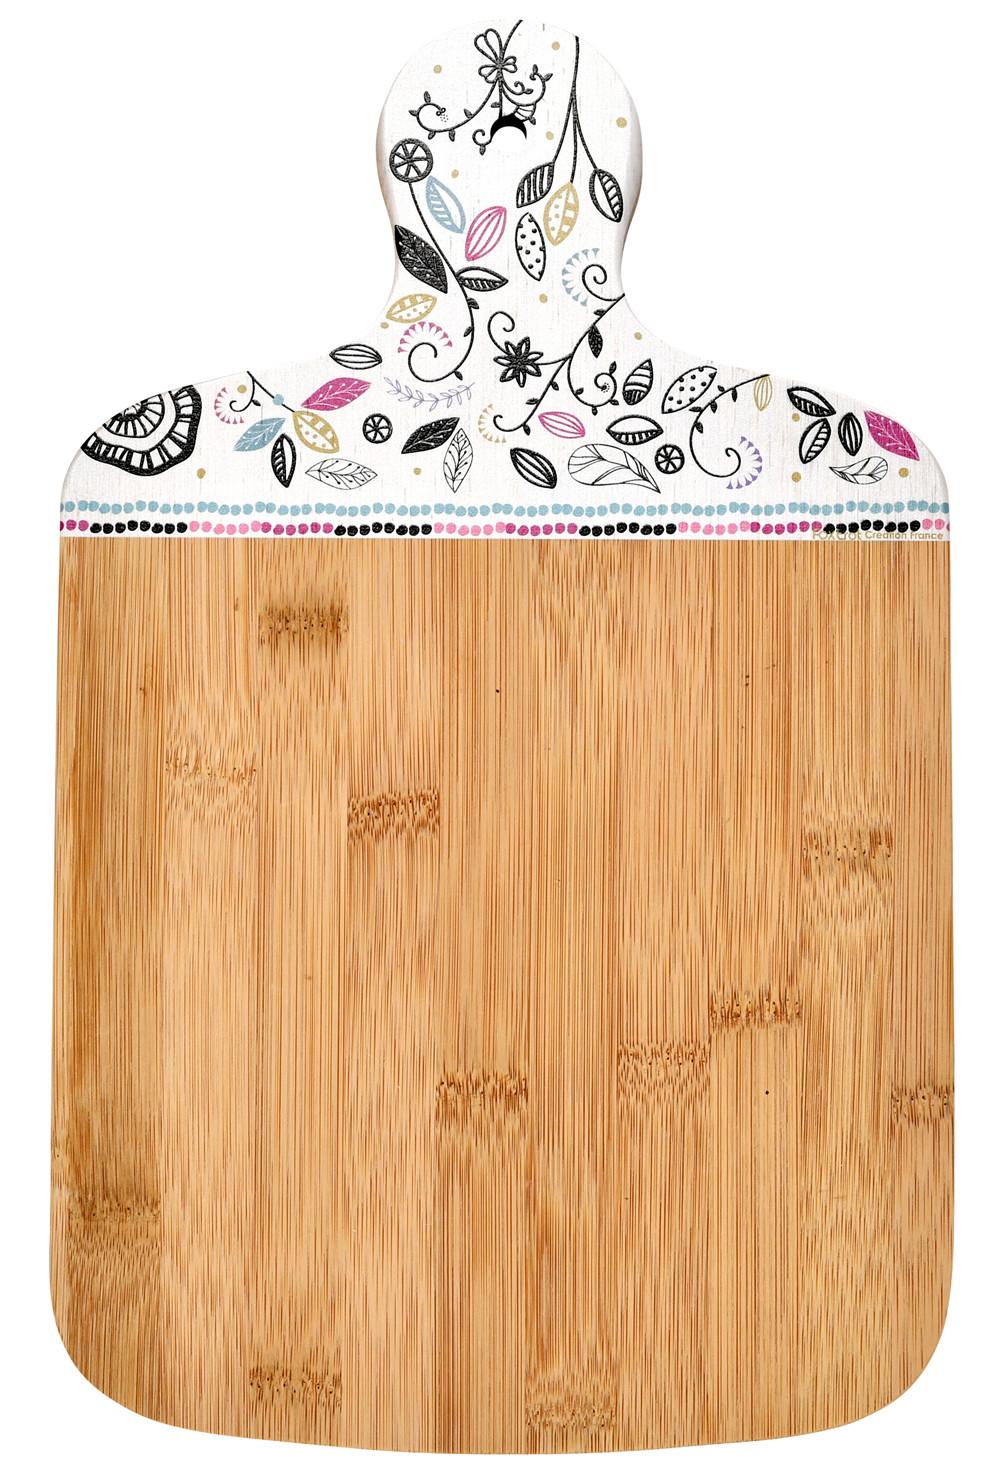 Planche À Découper Humoristique planche à découper bambou chat mandala foxtrot collection - provence arômes  tendance sud